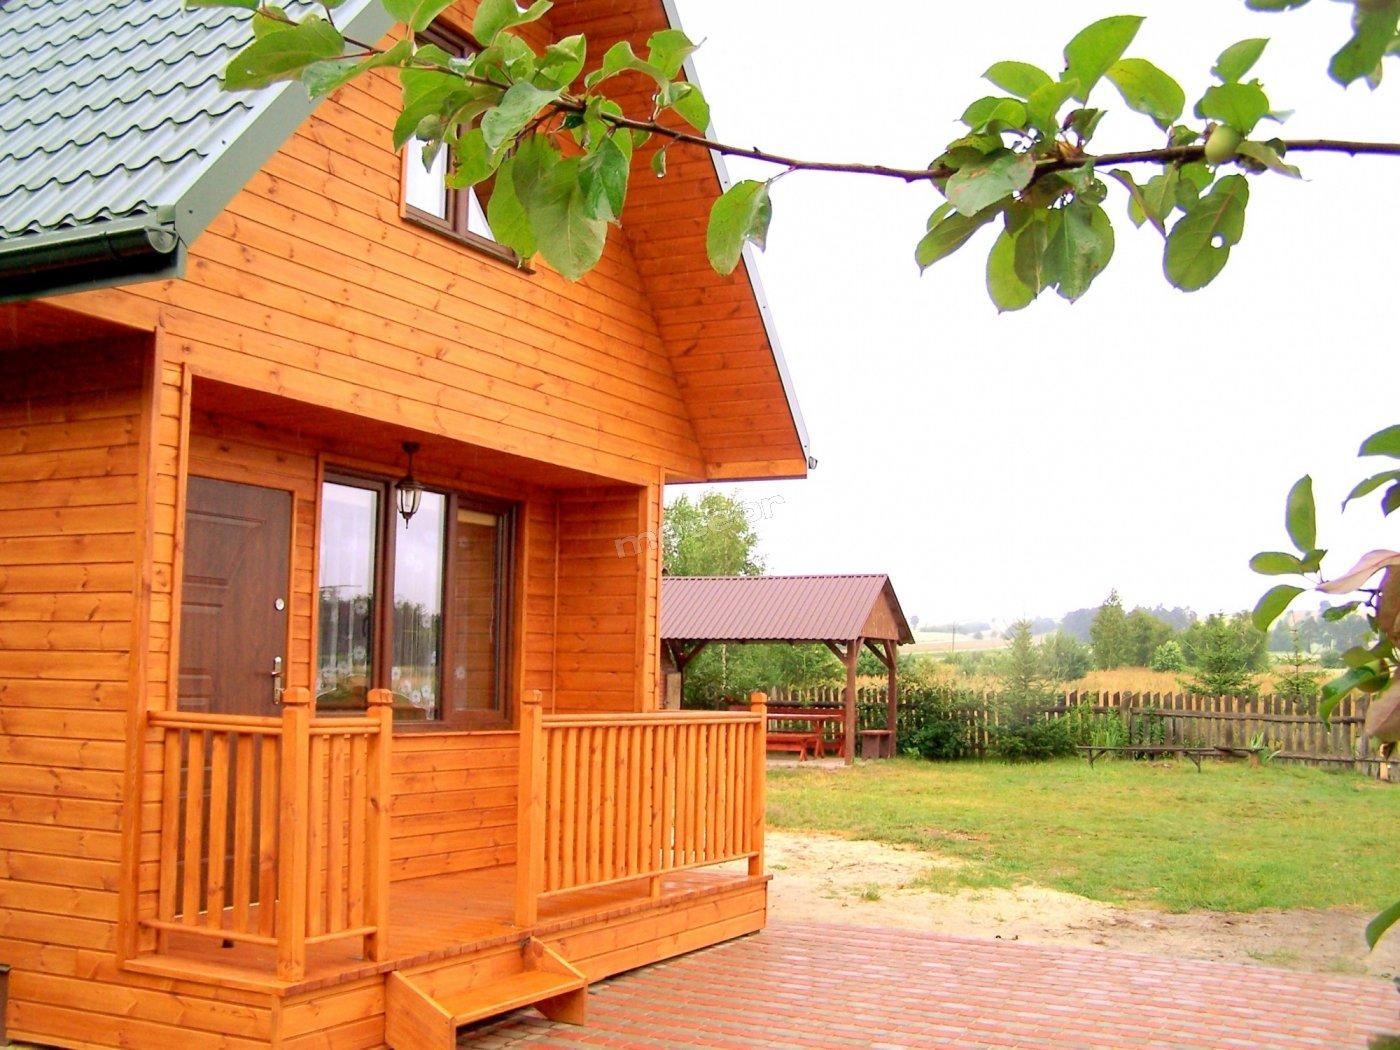 Domek z kominkiem. Oprócz pokoi w naszym domu wynajmujemy także ten nowo-wybudowany domek.